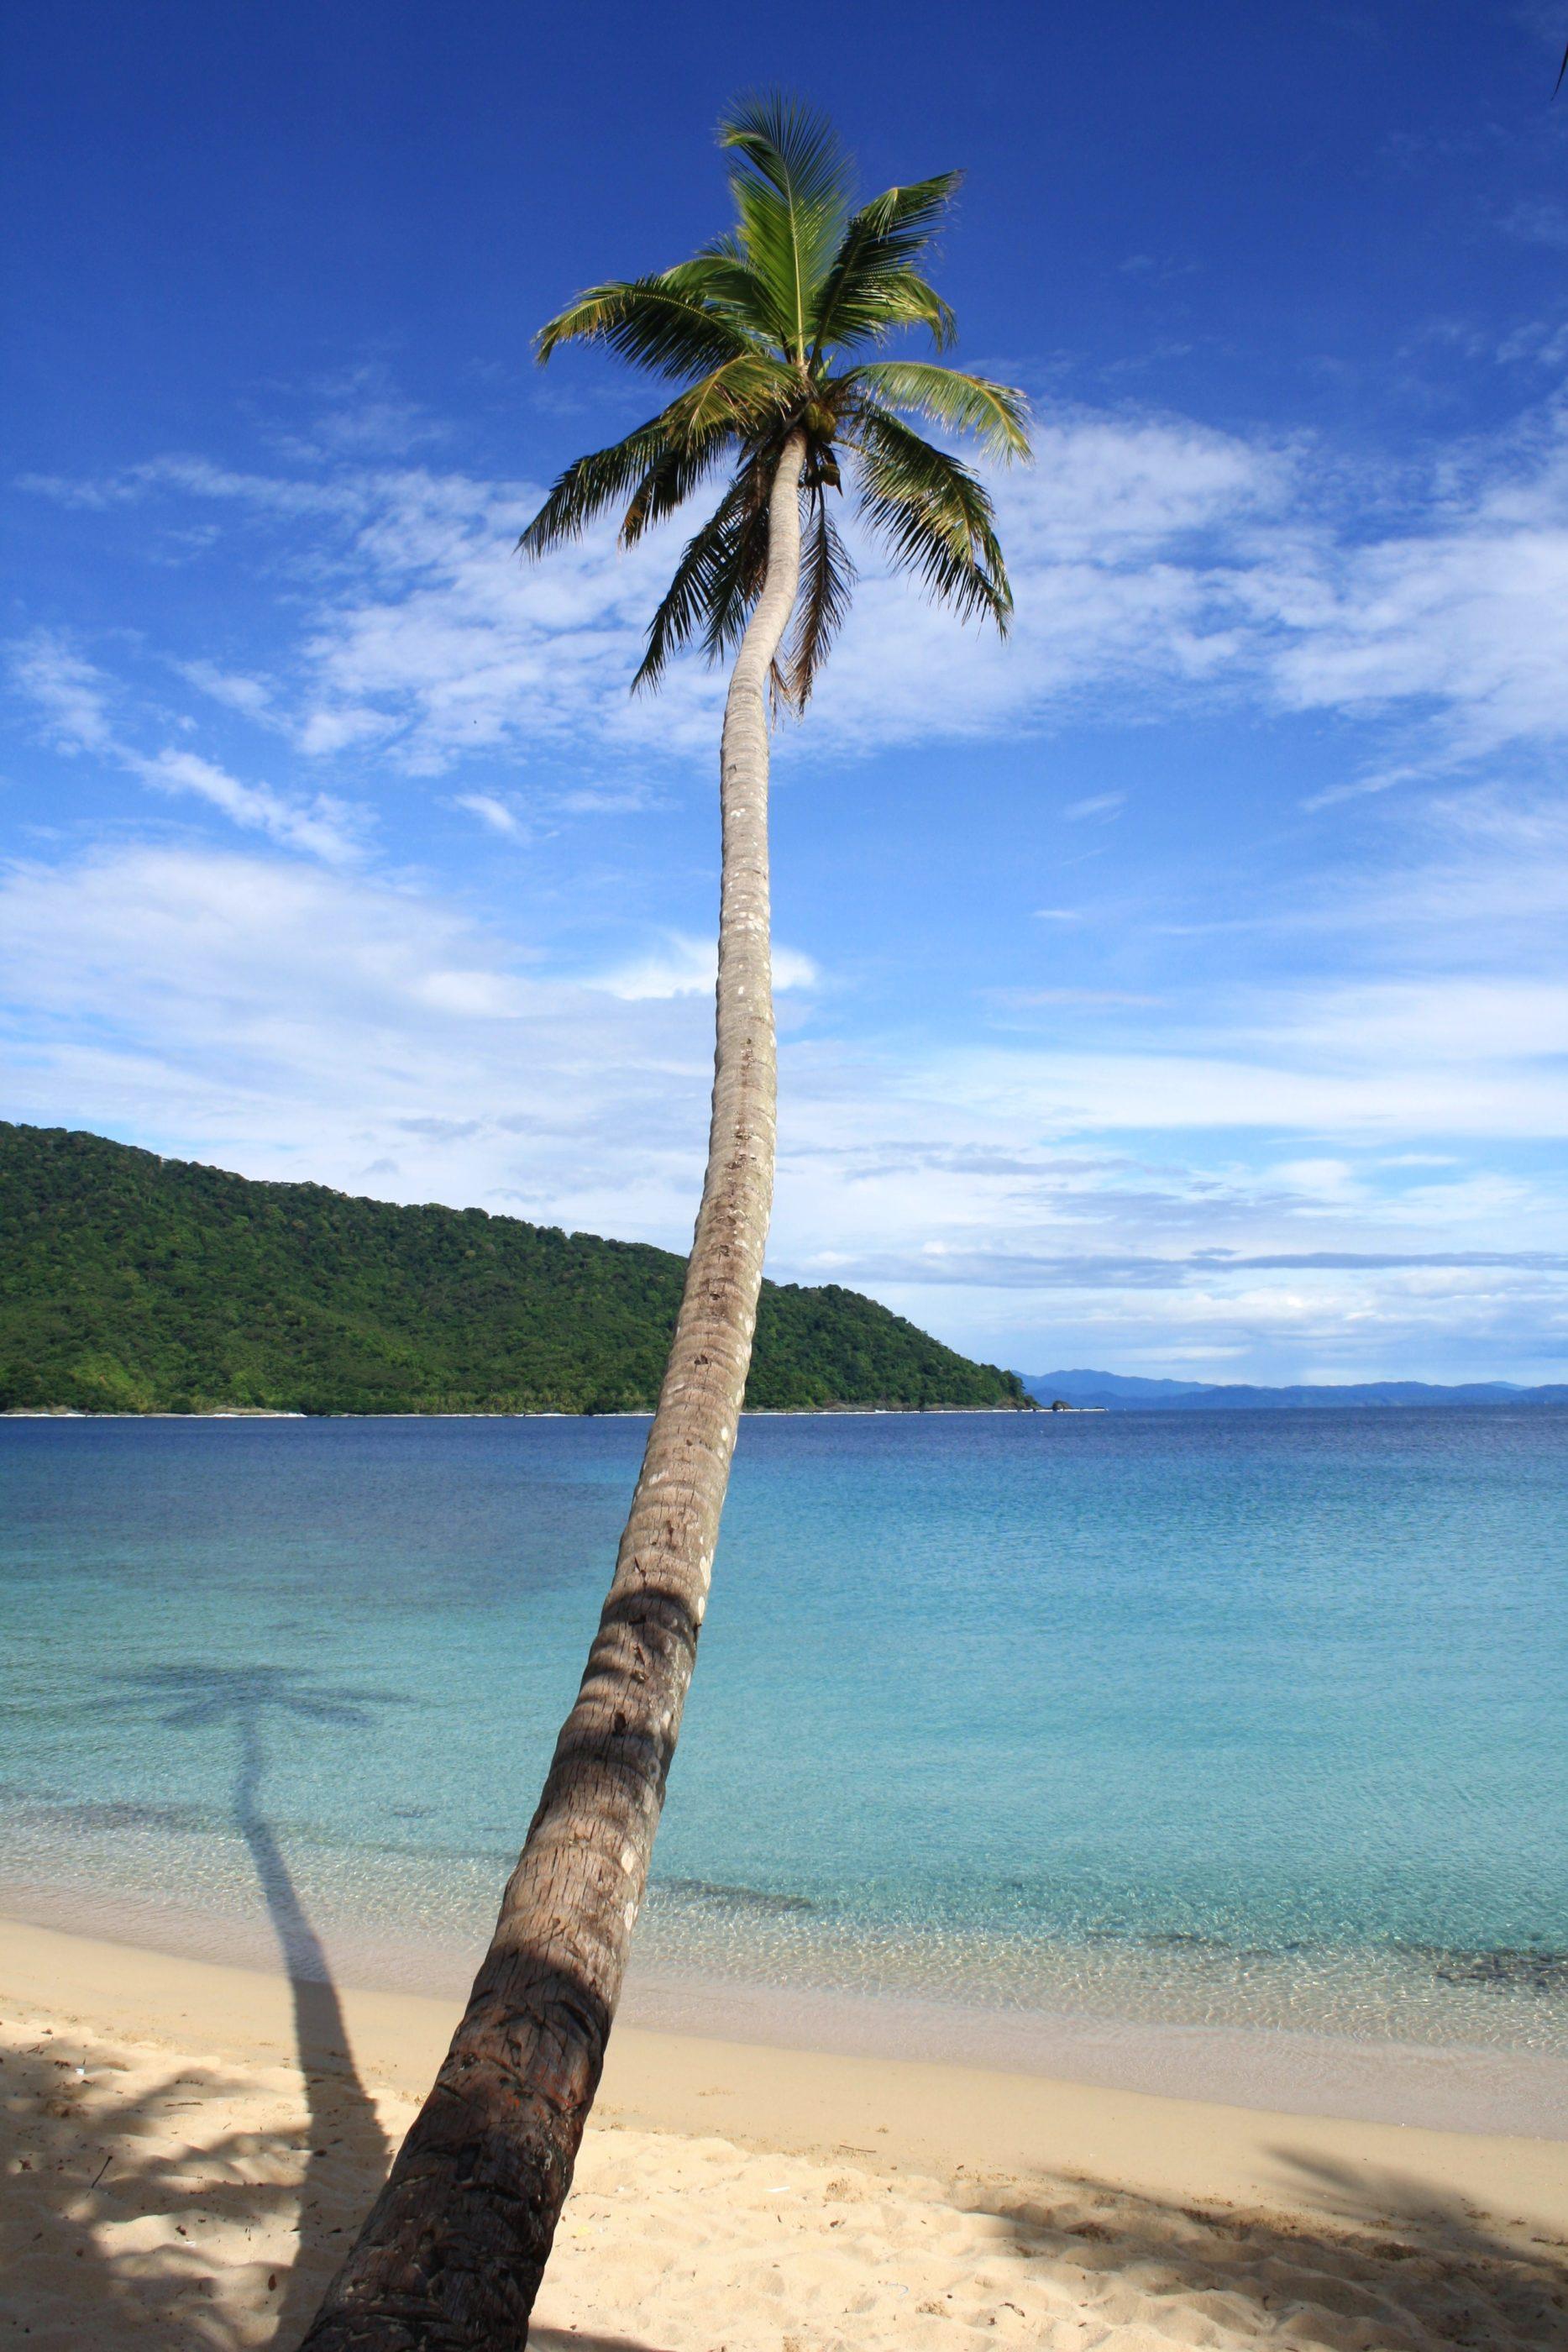 Ein kurzer Spaziergang führt von Sapzurro über die Grenze nach Panama zum wunderbaren Strand La Miel